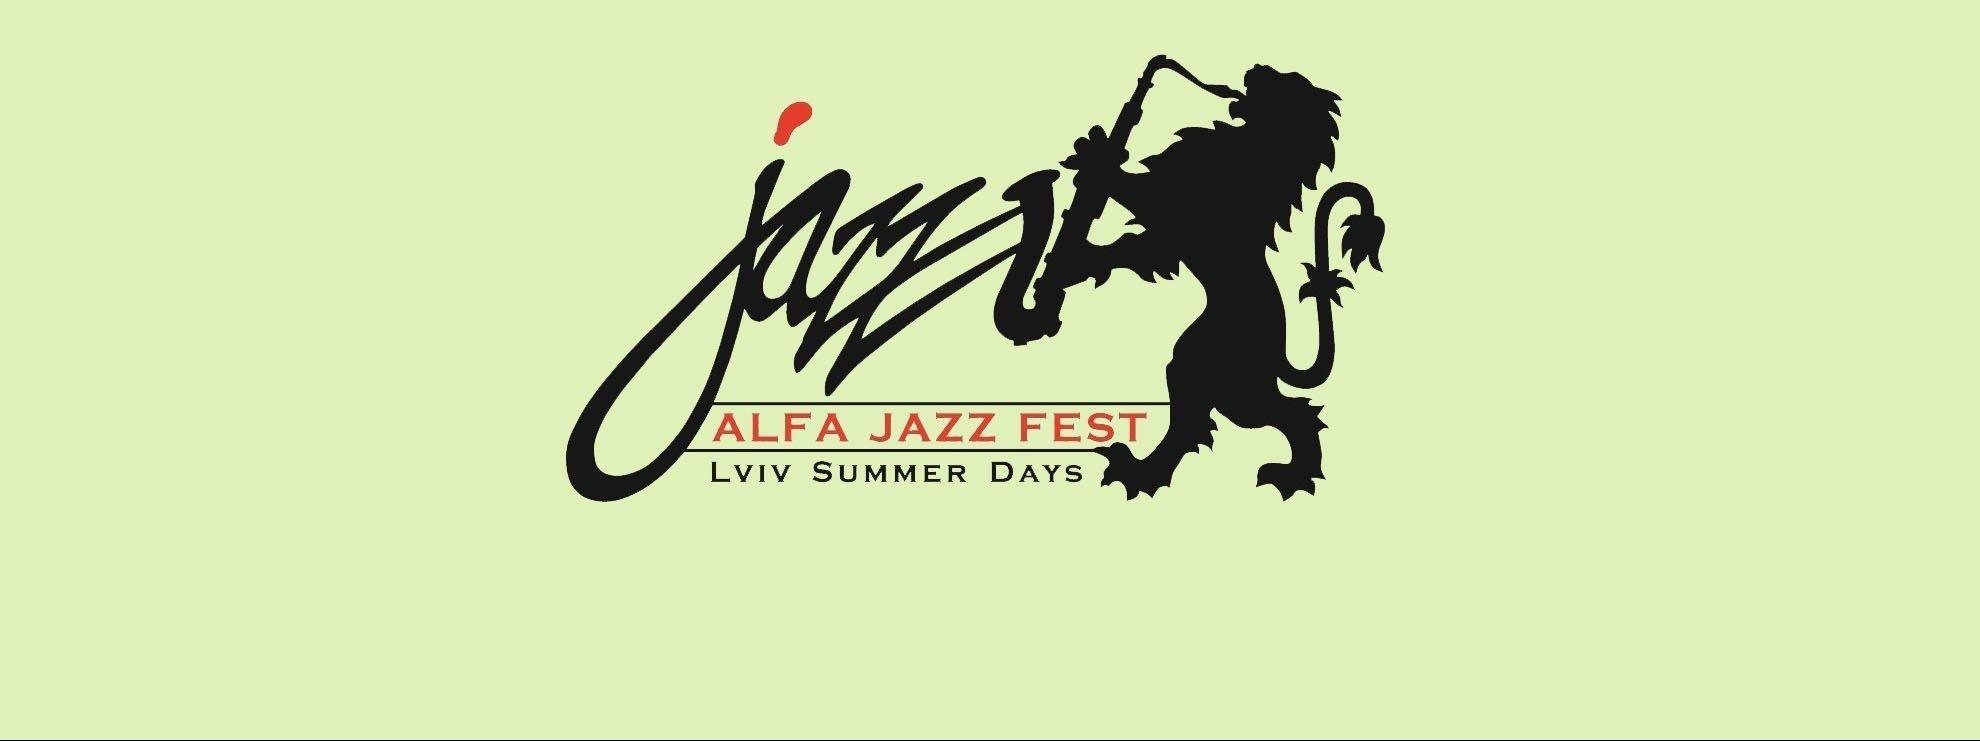 событие Alfa Jazz Fest (Альфа Джаз Фест)